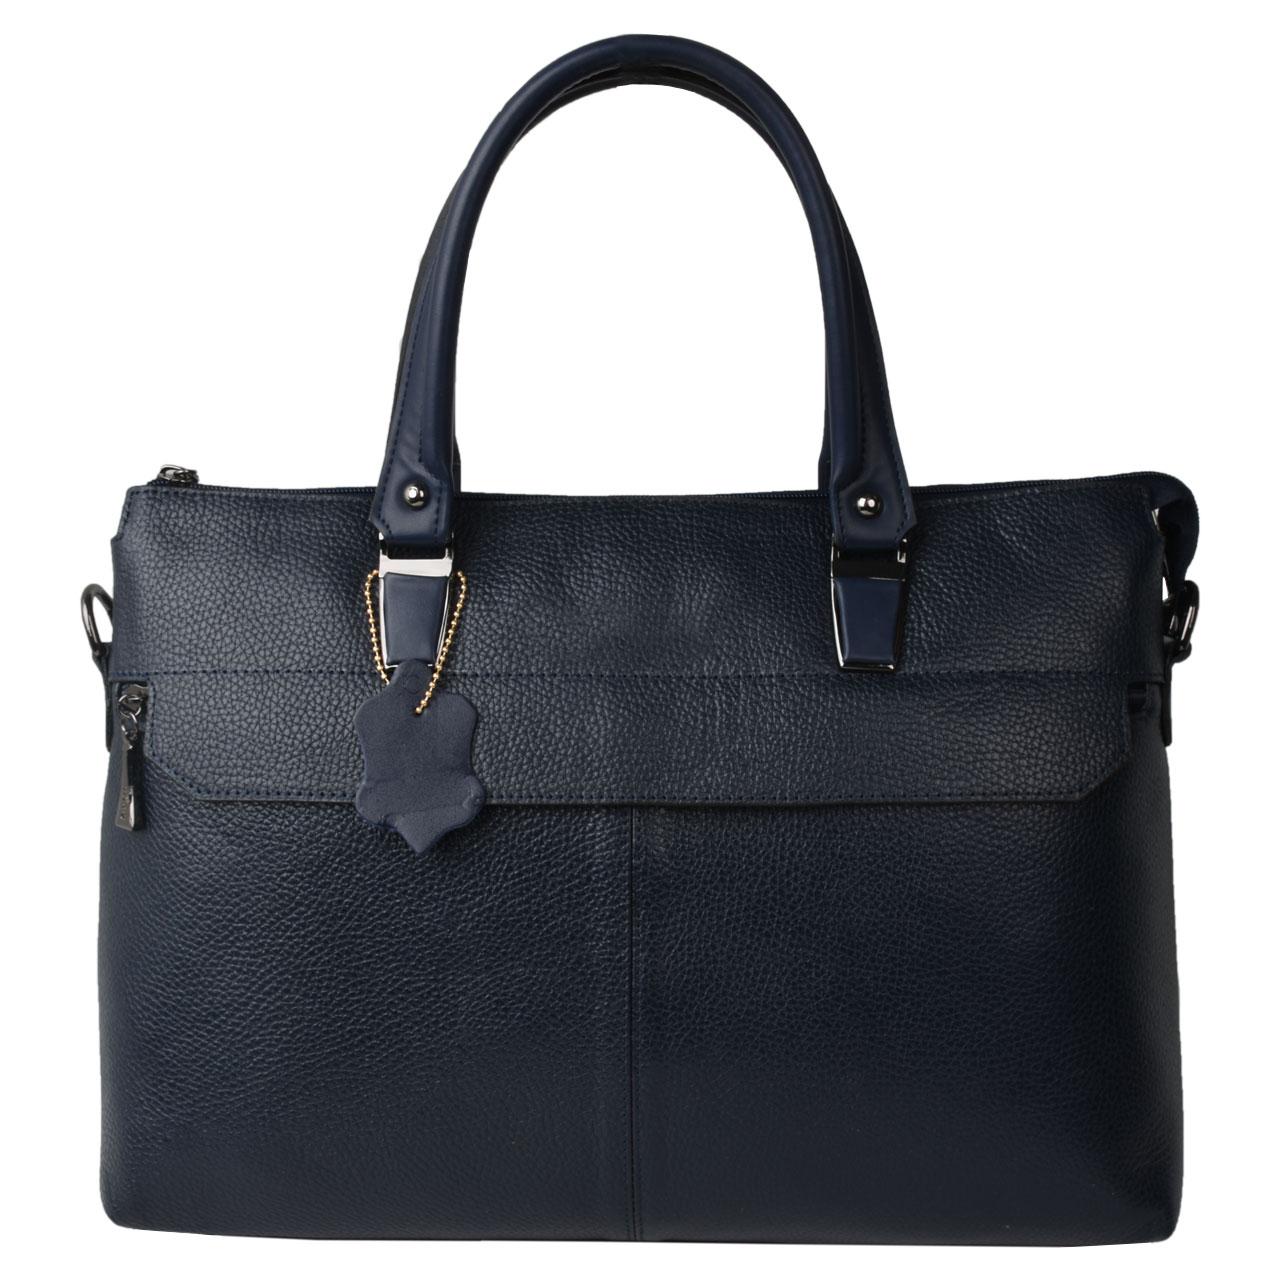 کیف دستی زنانه پارینه مدل PLV165-11-1587